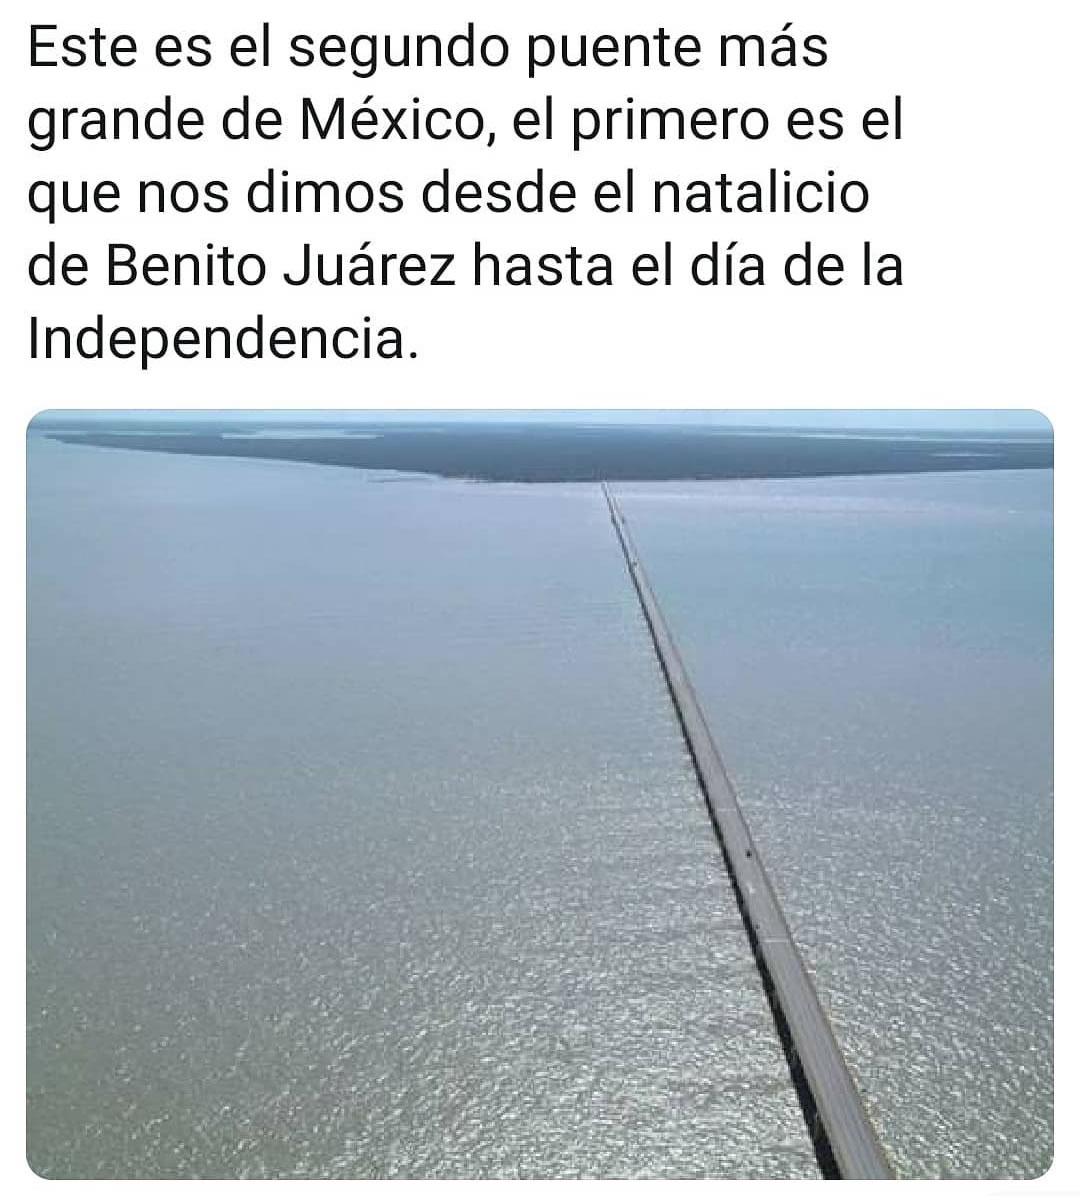 Este es el segundo puente más grande de México, el primero es el que nos dimos desde el natalicio de Benito Juárez hasta el día de la Independencia.